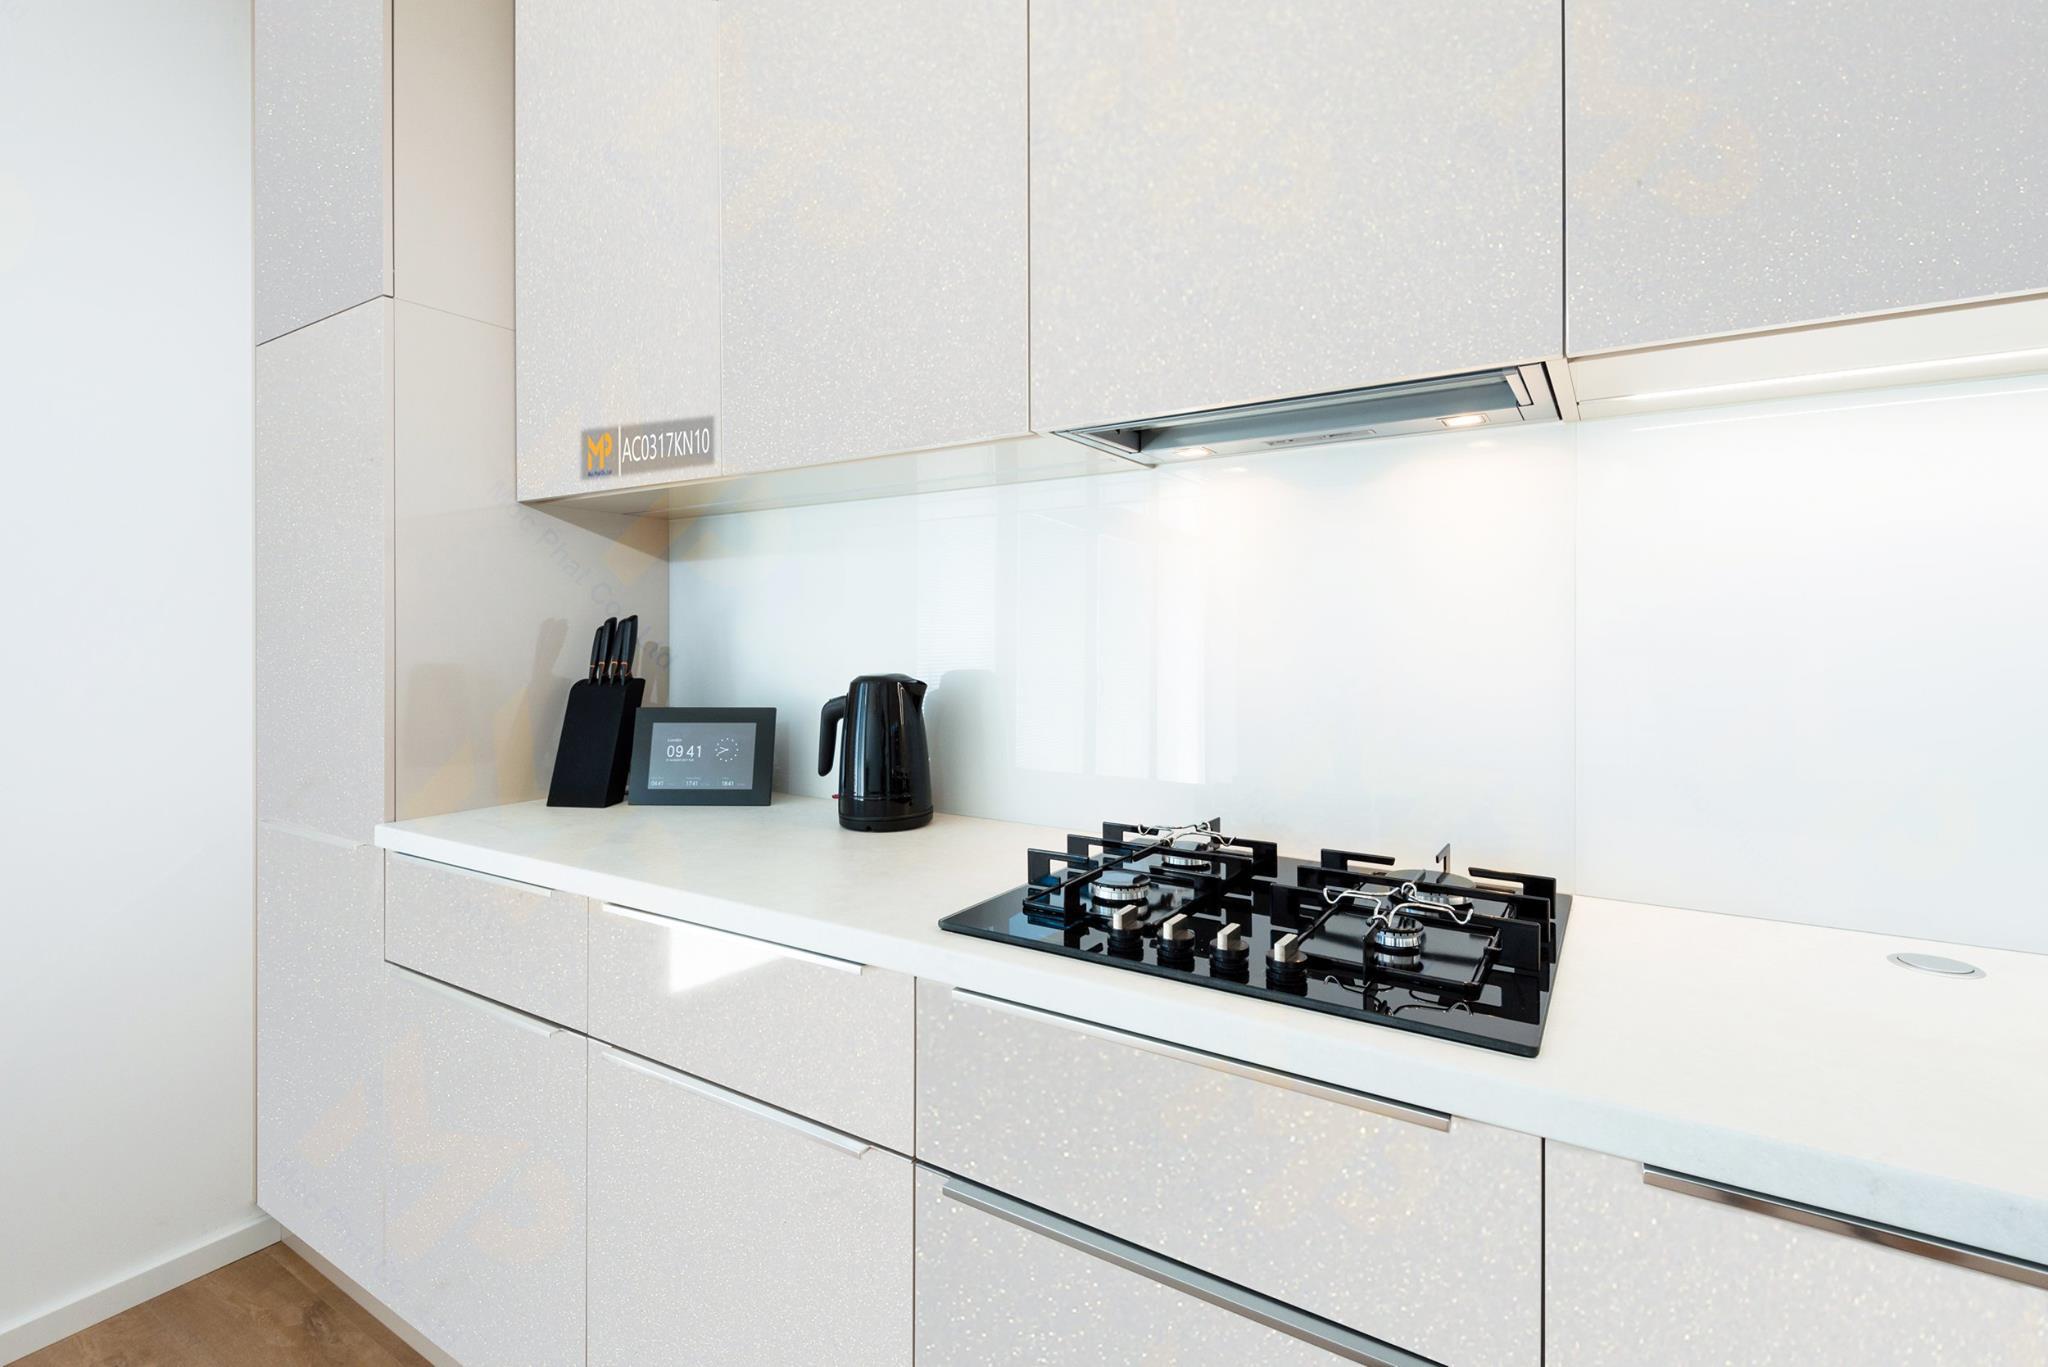 Sáng tạo không gian nội thất ấn tượng từ Acrylic kim tuyến